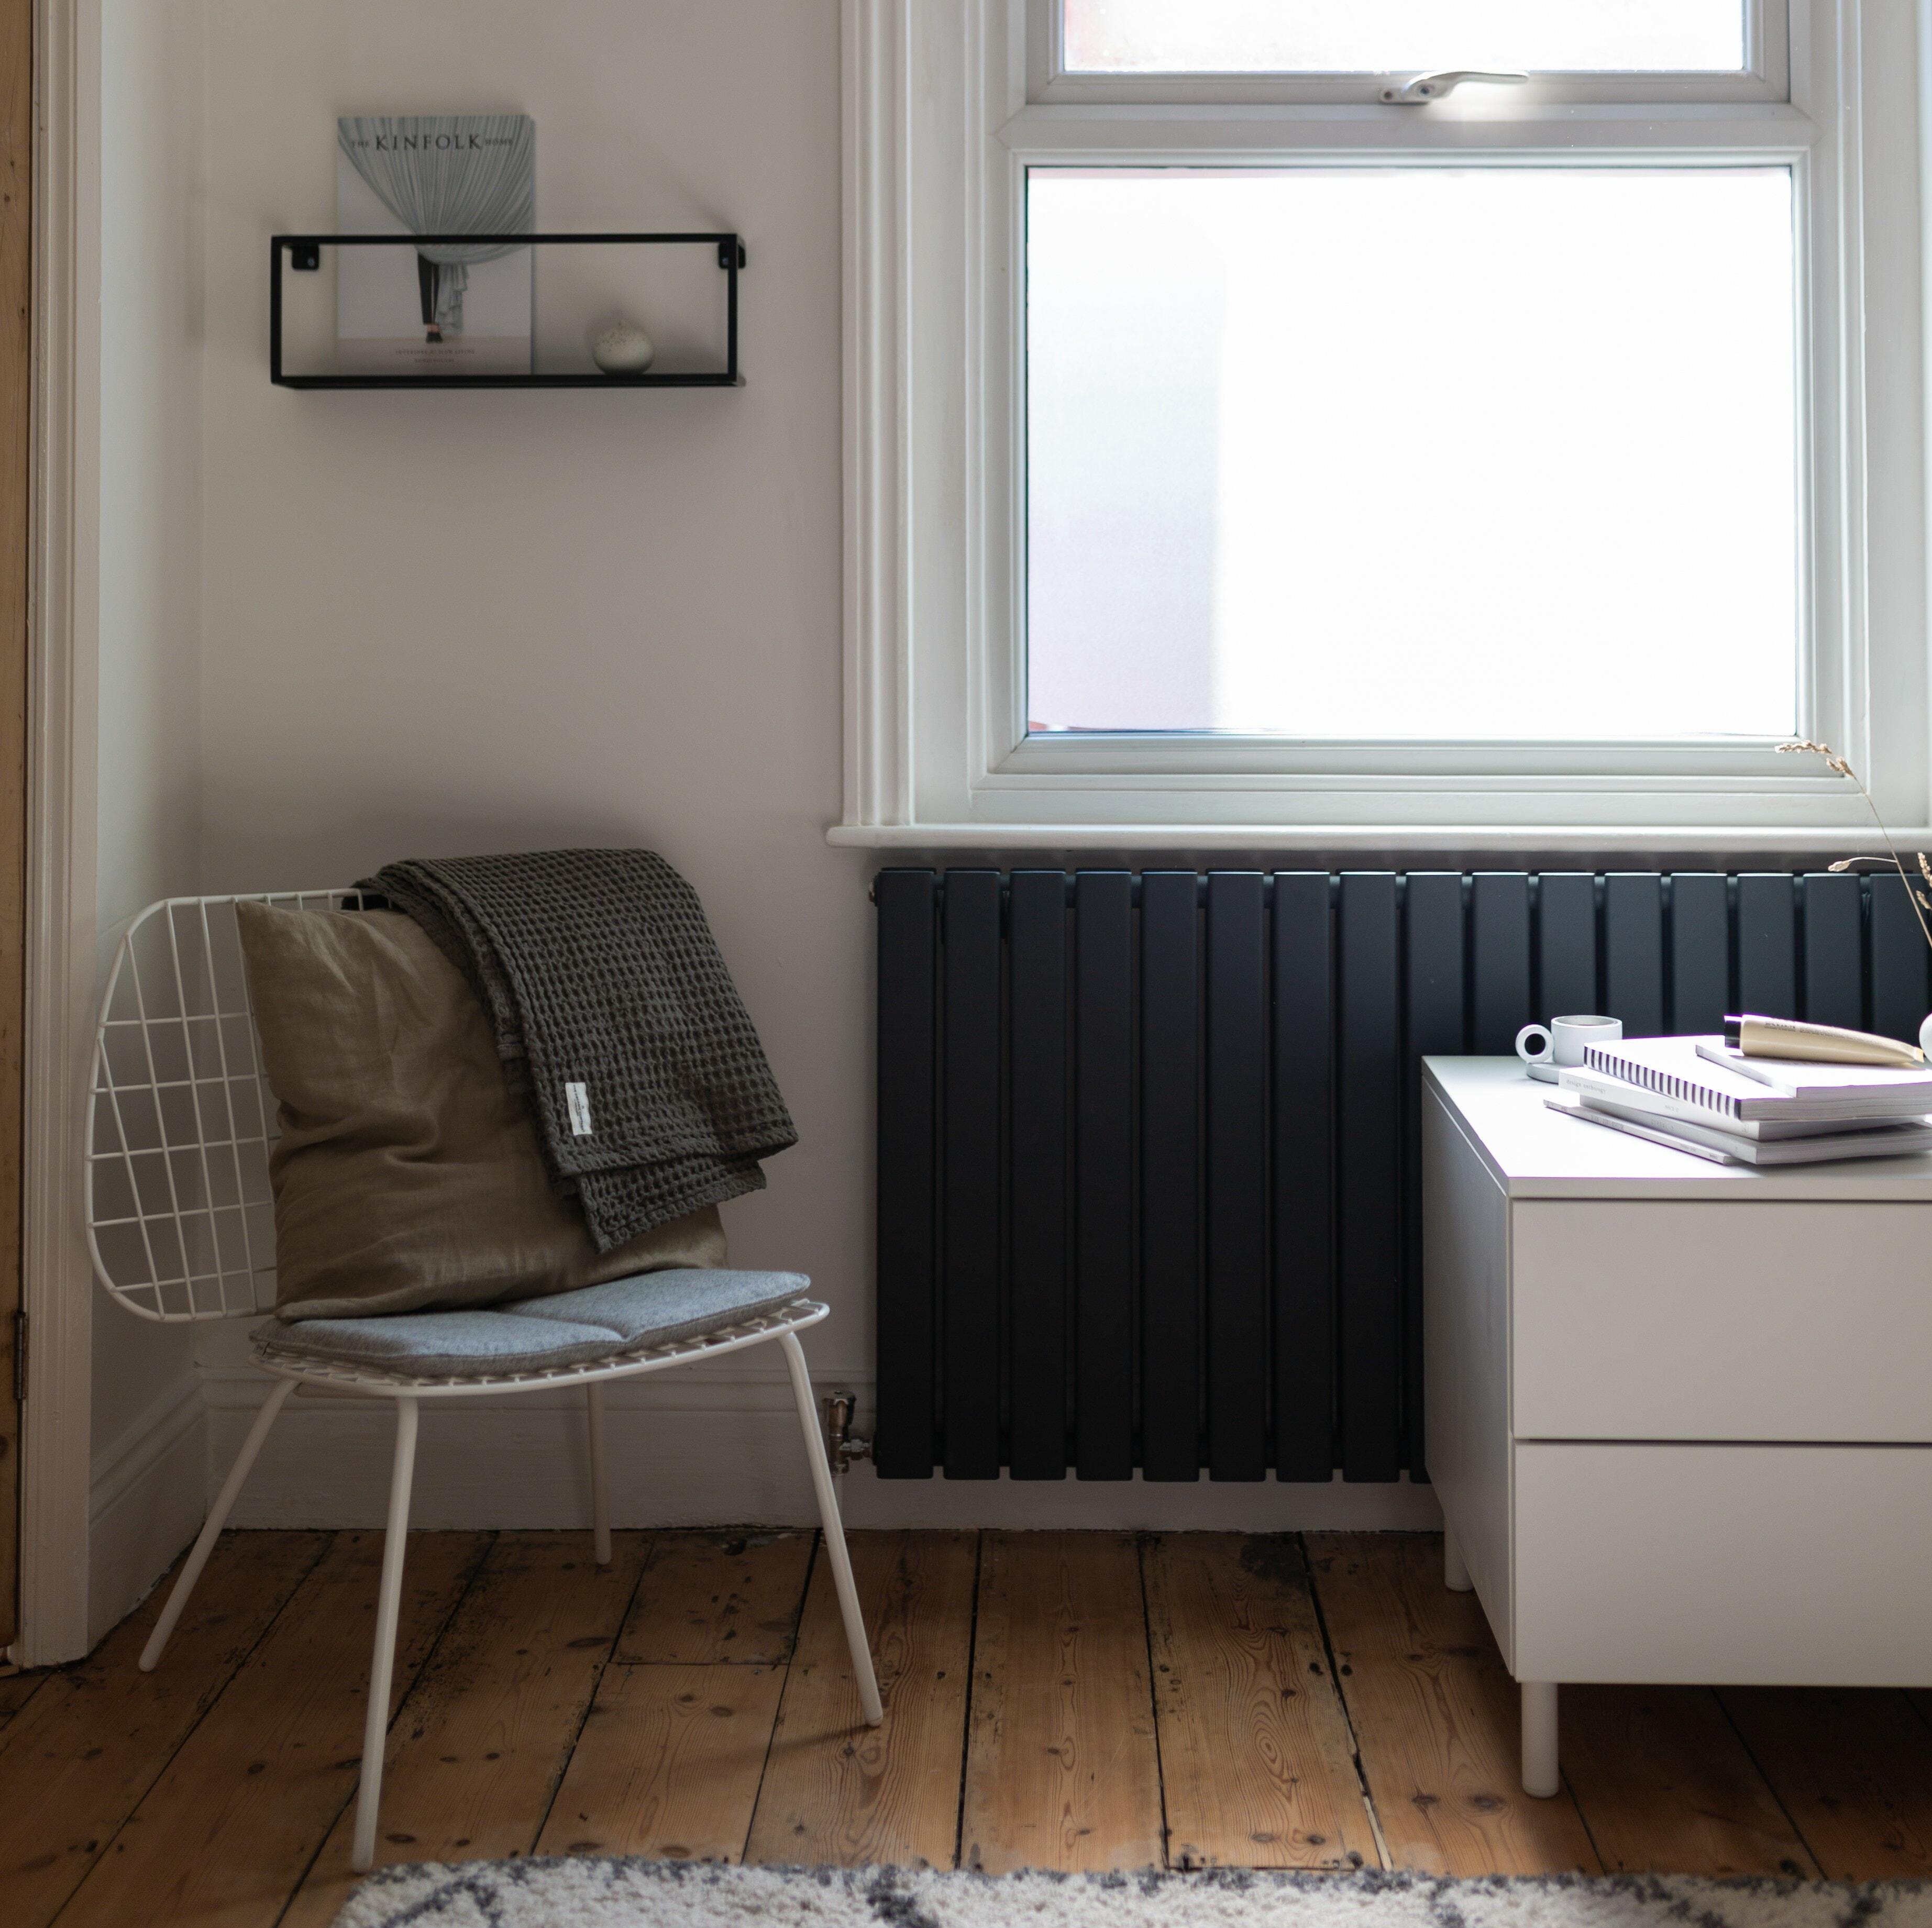 Modern Milano Capri radiator in a Nordic style room